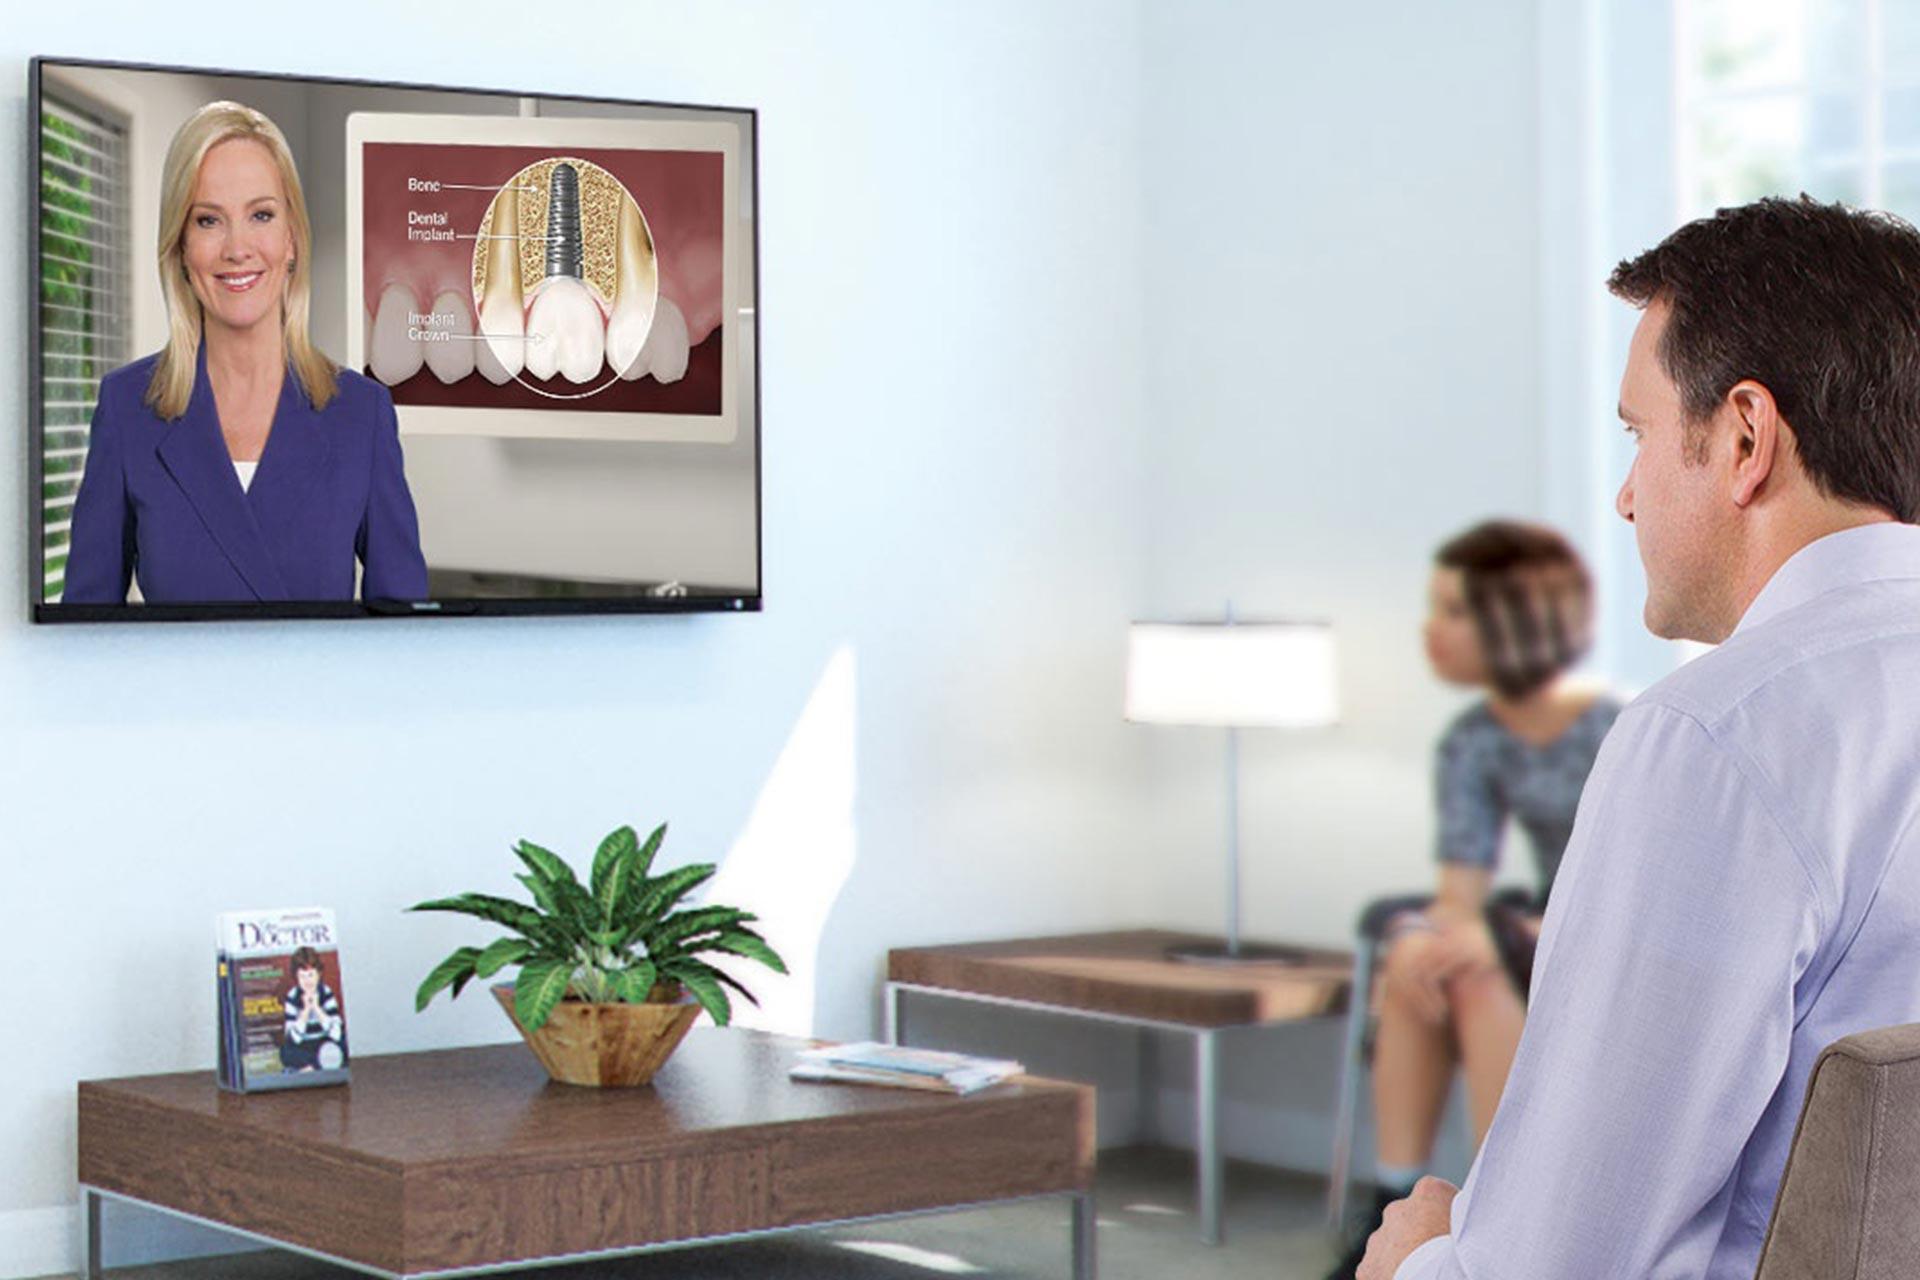 فیلم سالن انتظار دندانپزشکی